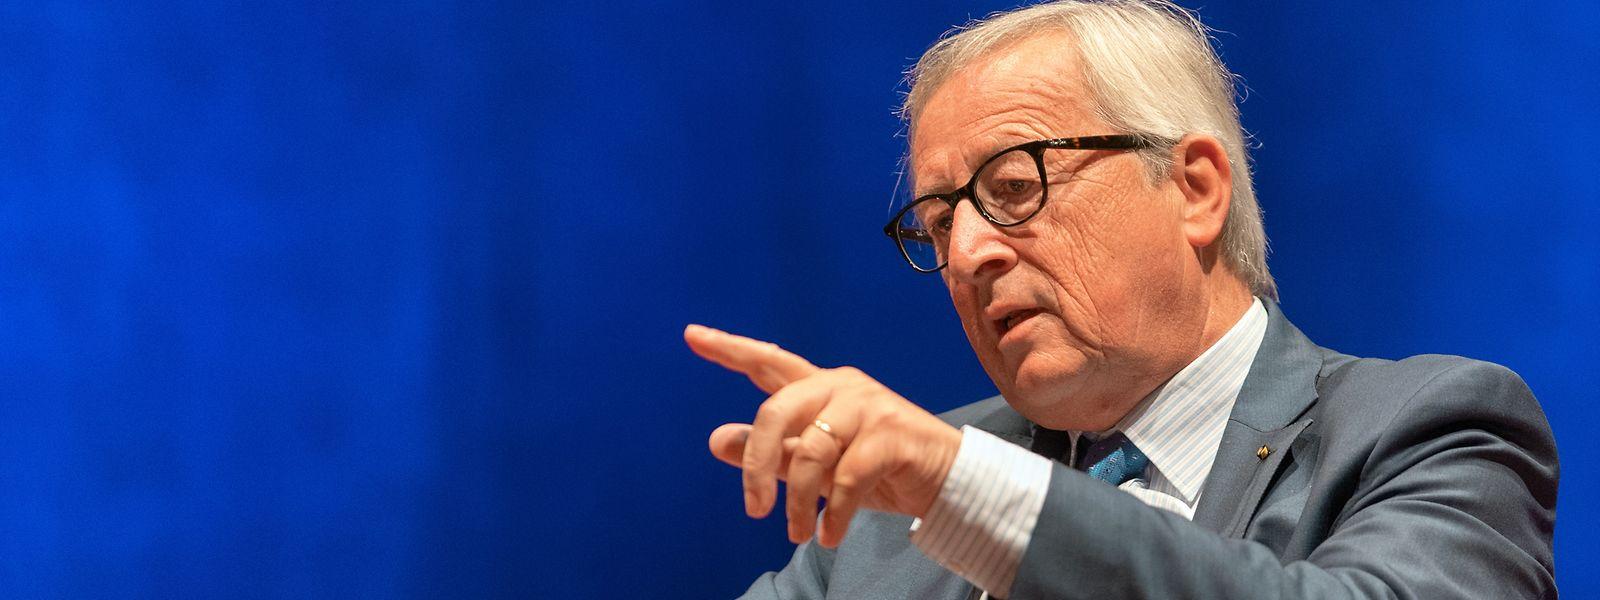 Die europaweite Dialogreihe der EU-Kommission gibt es seit Januar 2015.